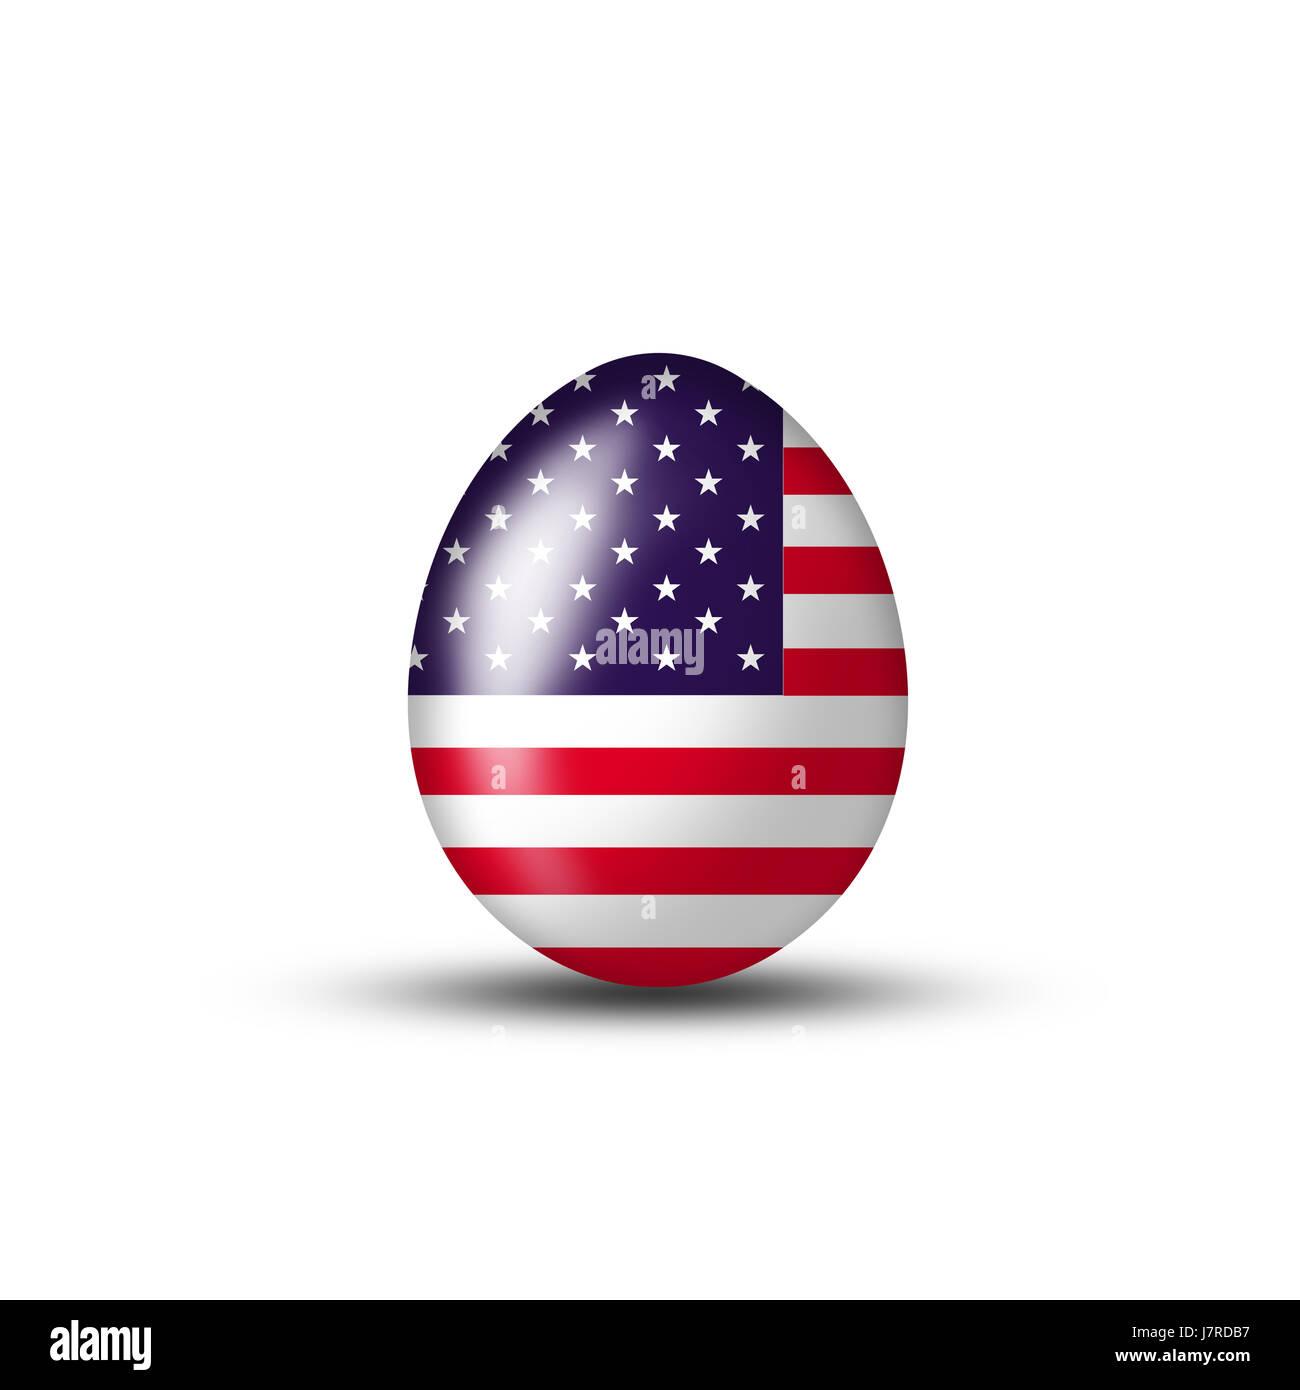 usa america easter flag egg eggs Easter eggs new york blue